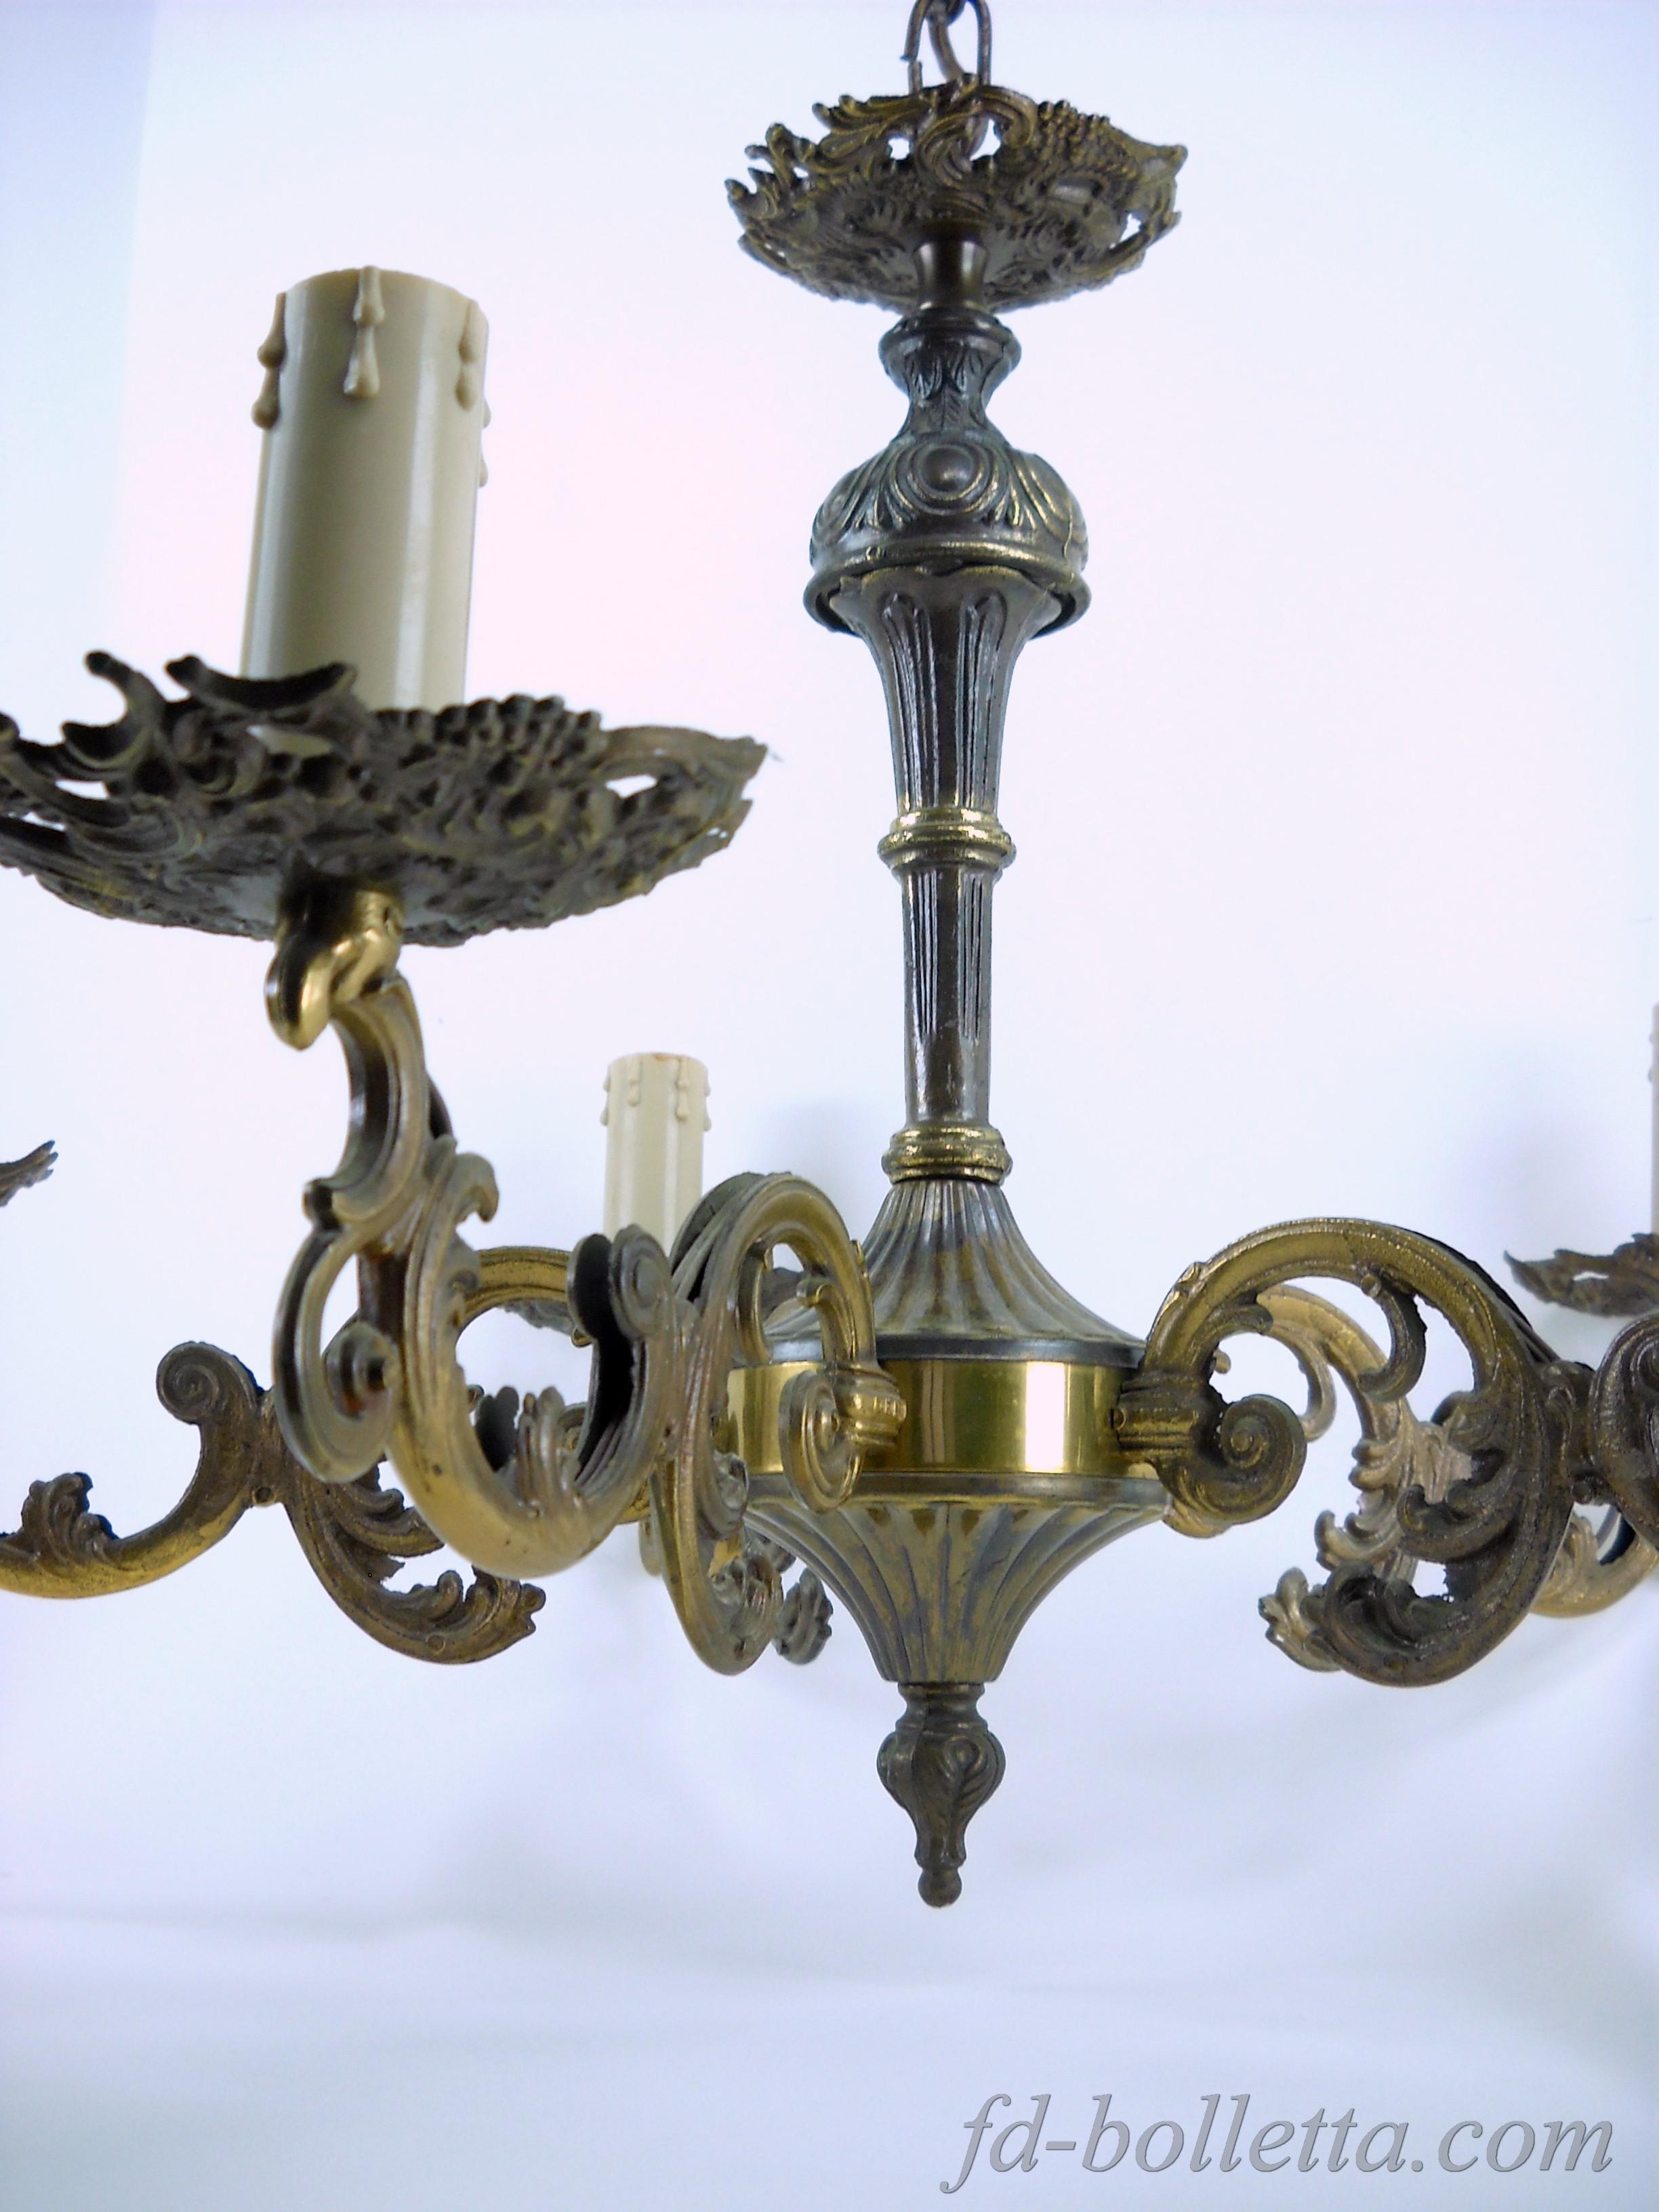 vecchi lampadari : ... in ottone,lampadario vintage a 5 luci,vecchi lampadari a305 eBay